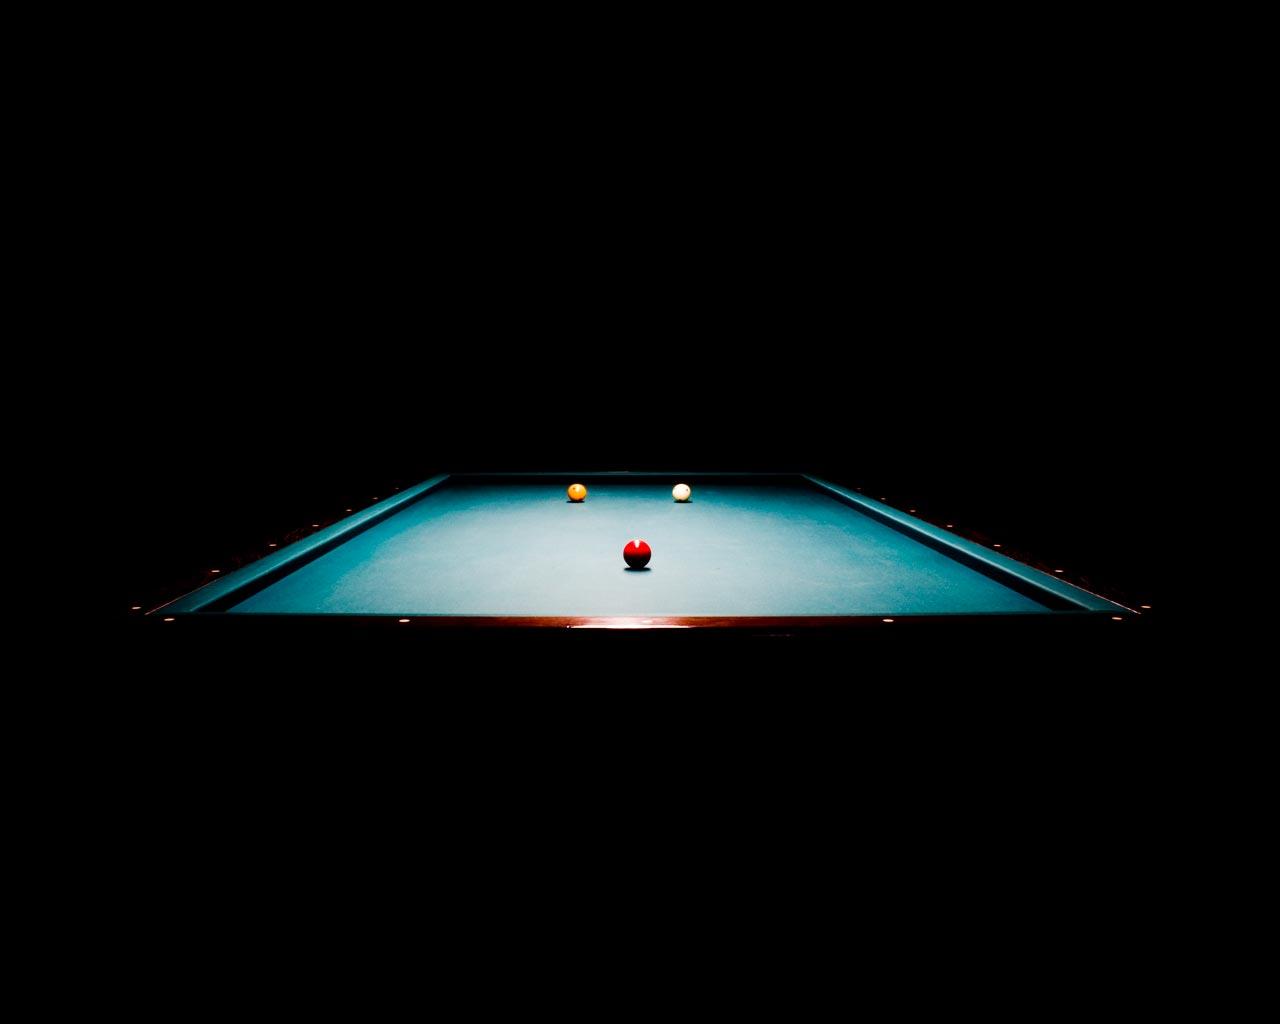 Cool Pool Tables >> Pool Table Wallpaper - WallpaperSafari